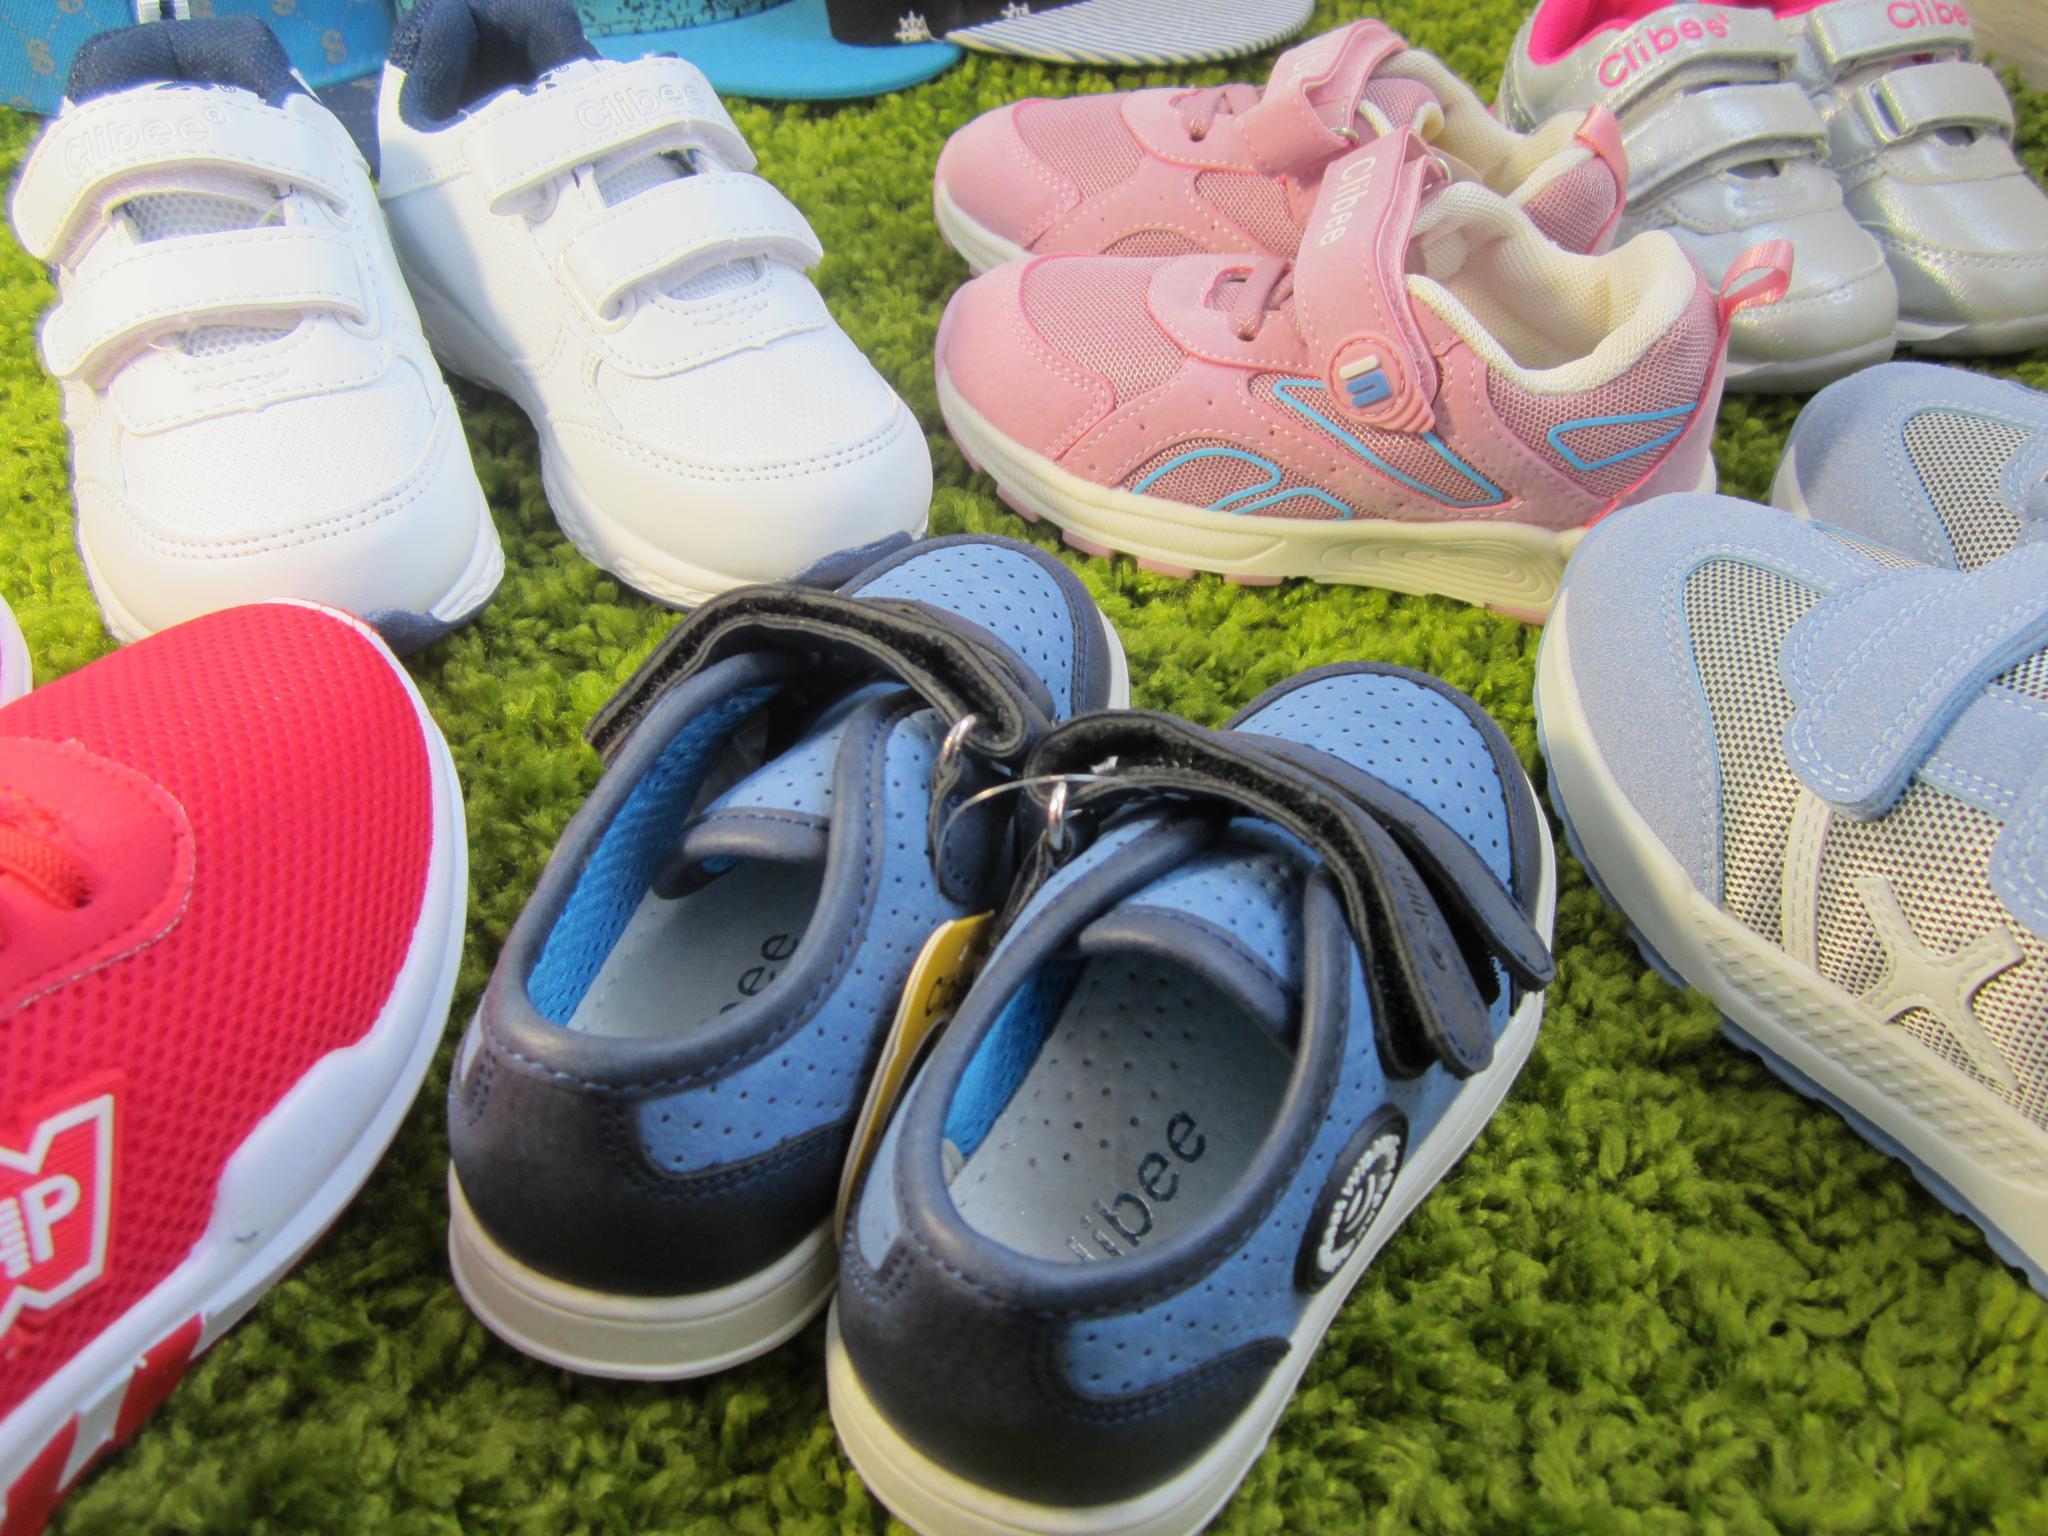 f39c1b92 Подростковые детские кроссовки Clibee для мальчика сетка: продажа ...